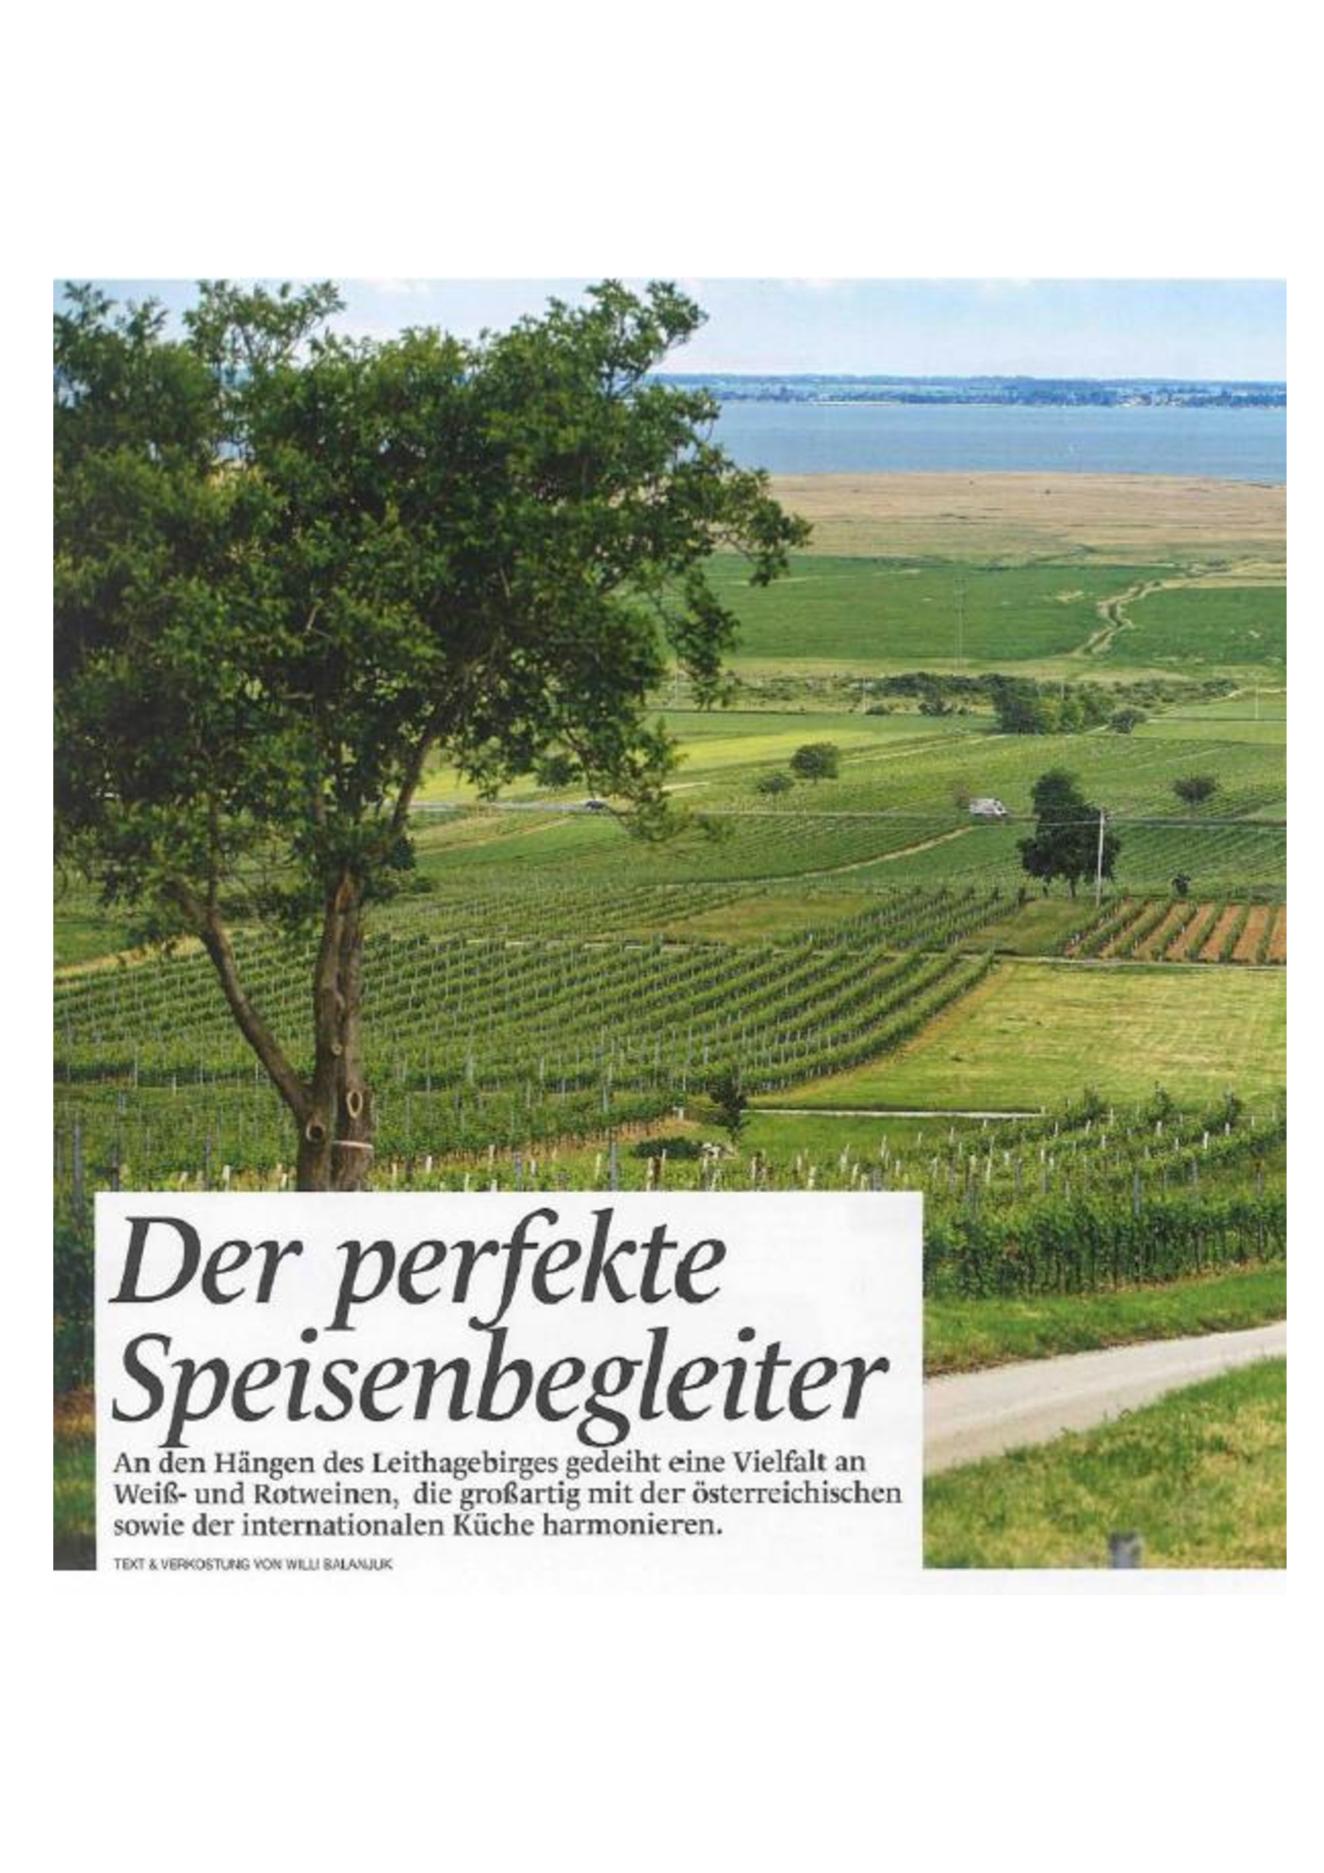 Der perfekte Speisebegleiter – Weingut Prieler